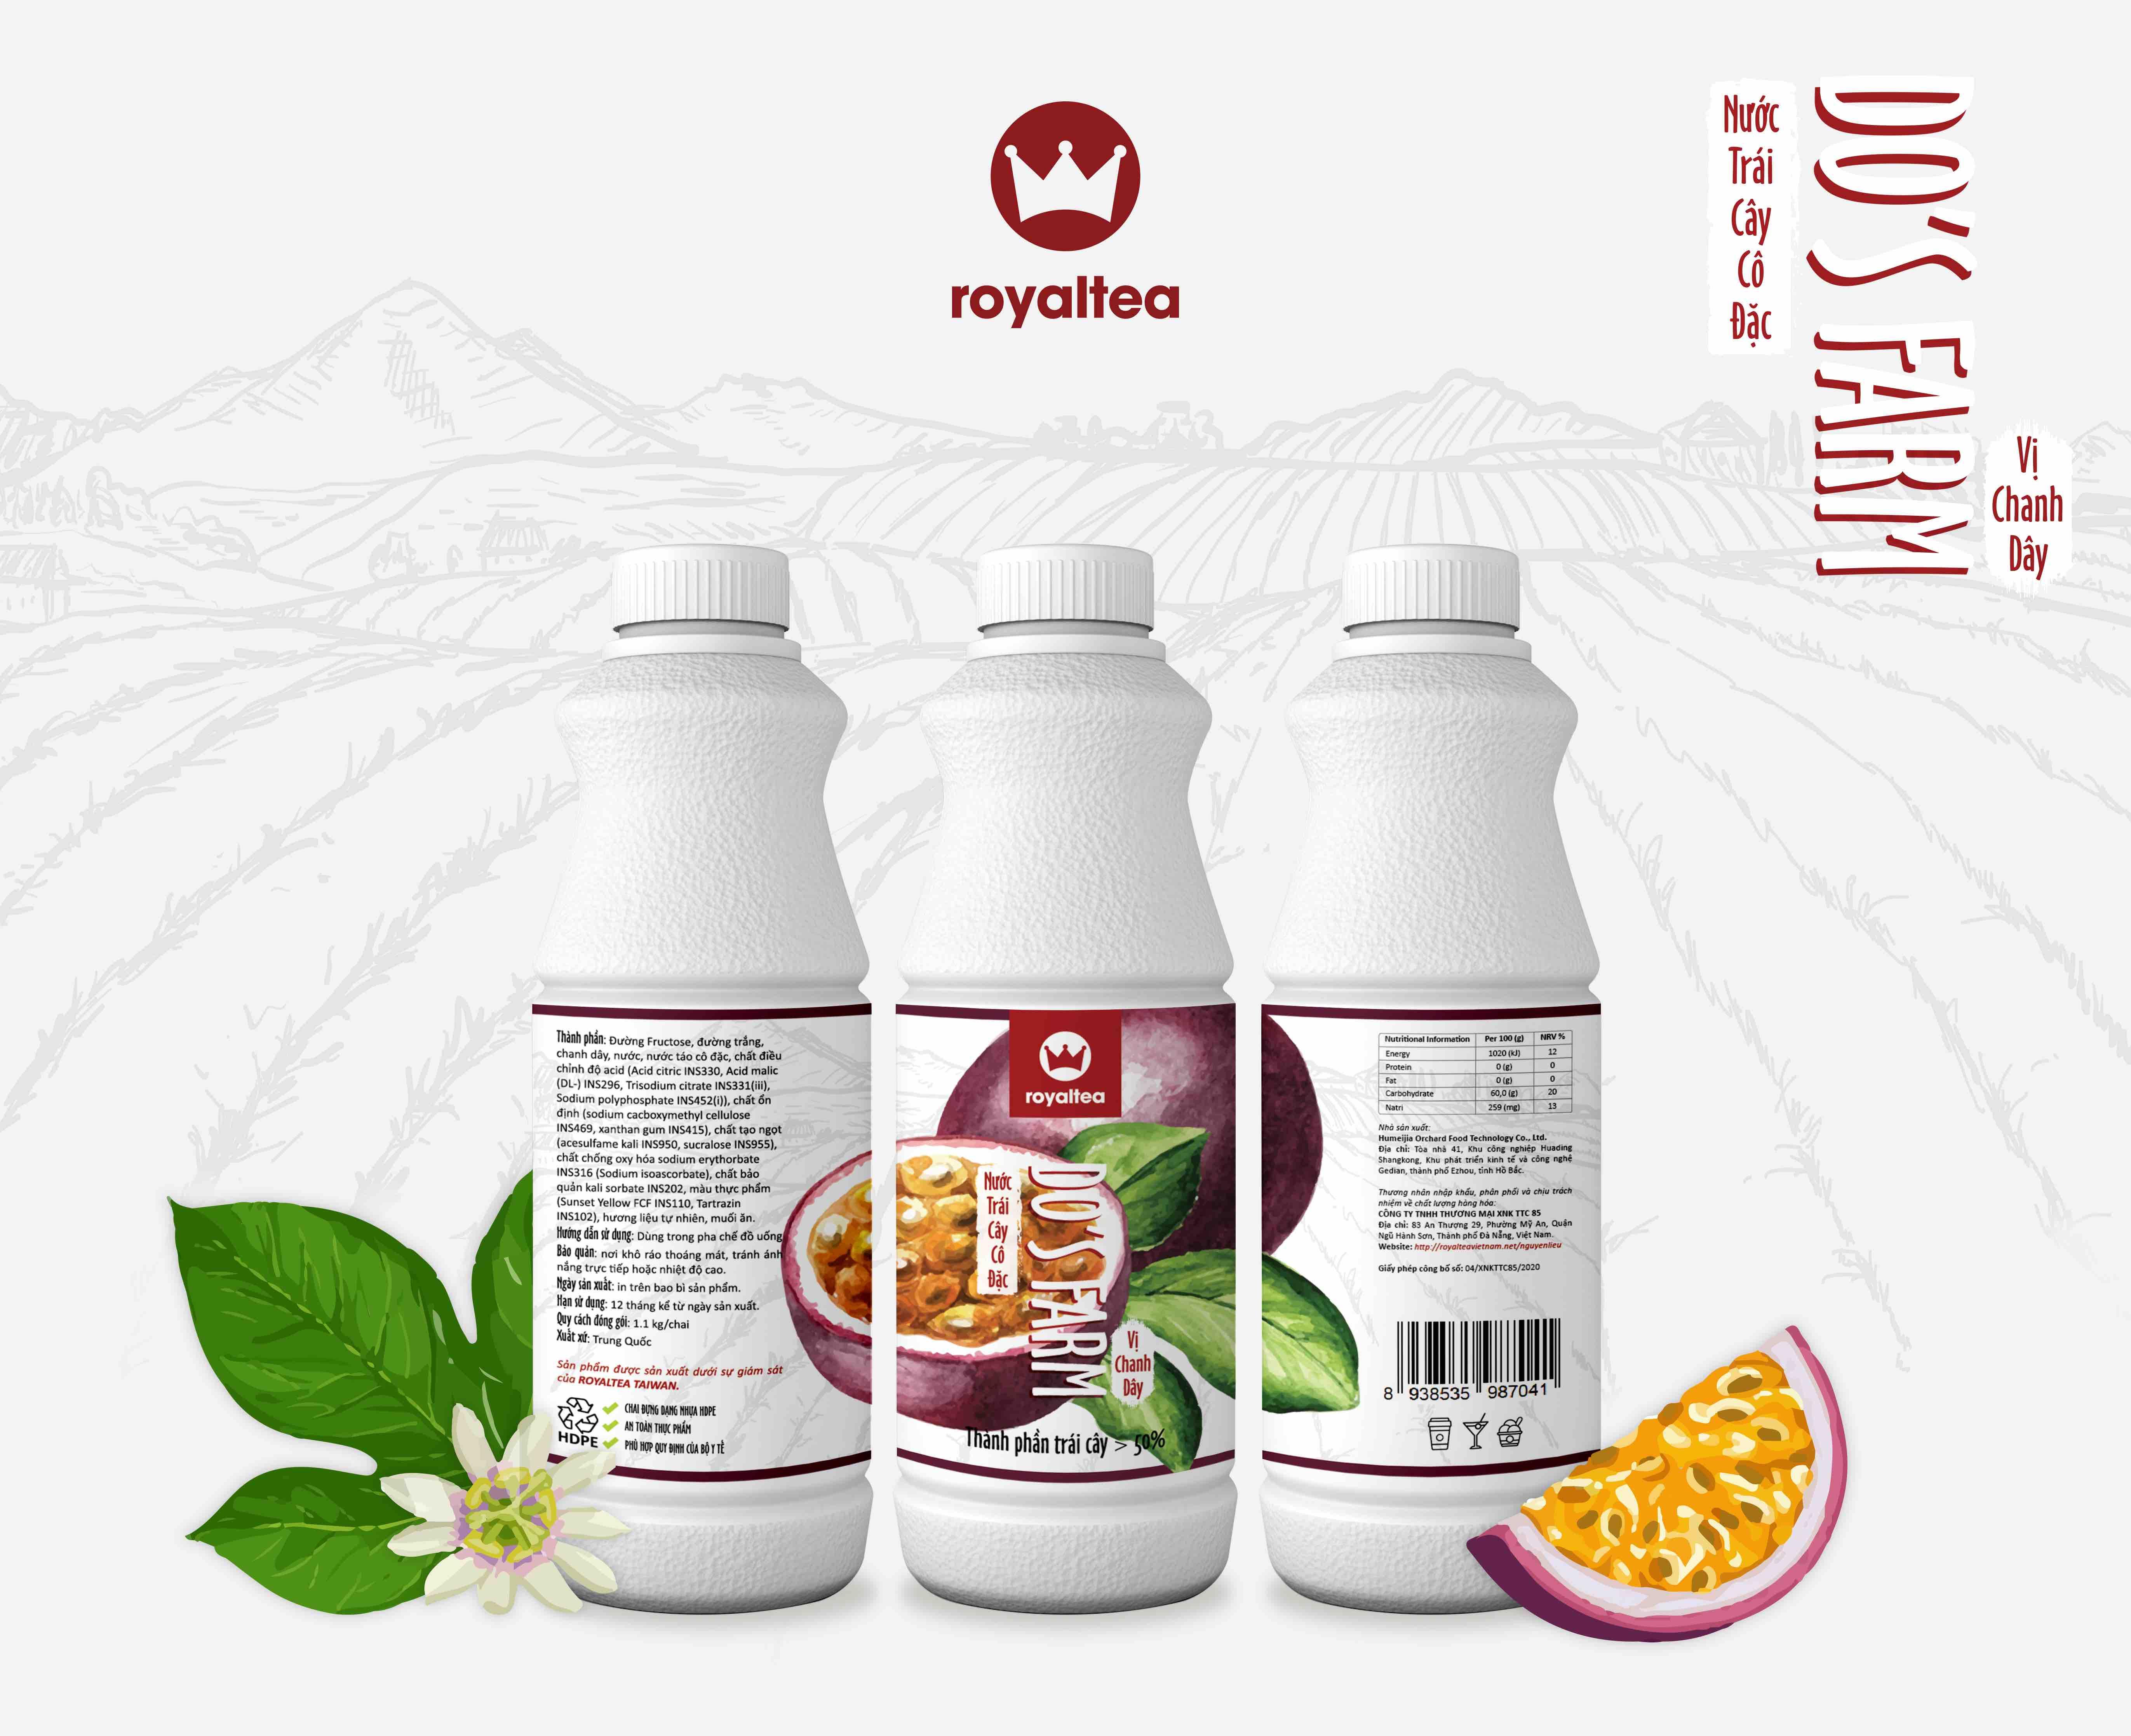 Nước trái cây cô đặc – vị  chanh dây – 190.000 VNĐ